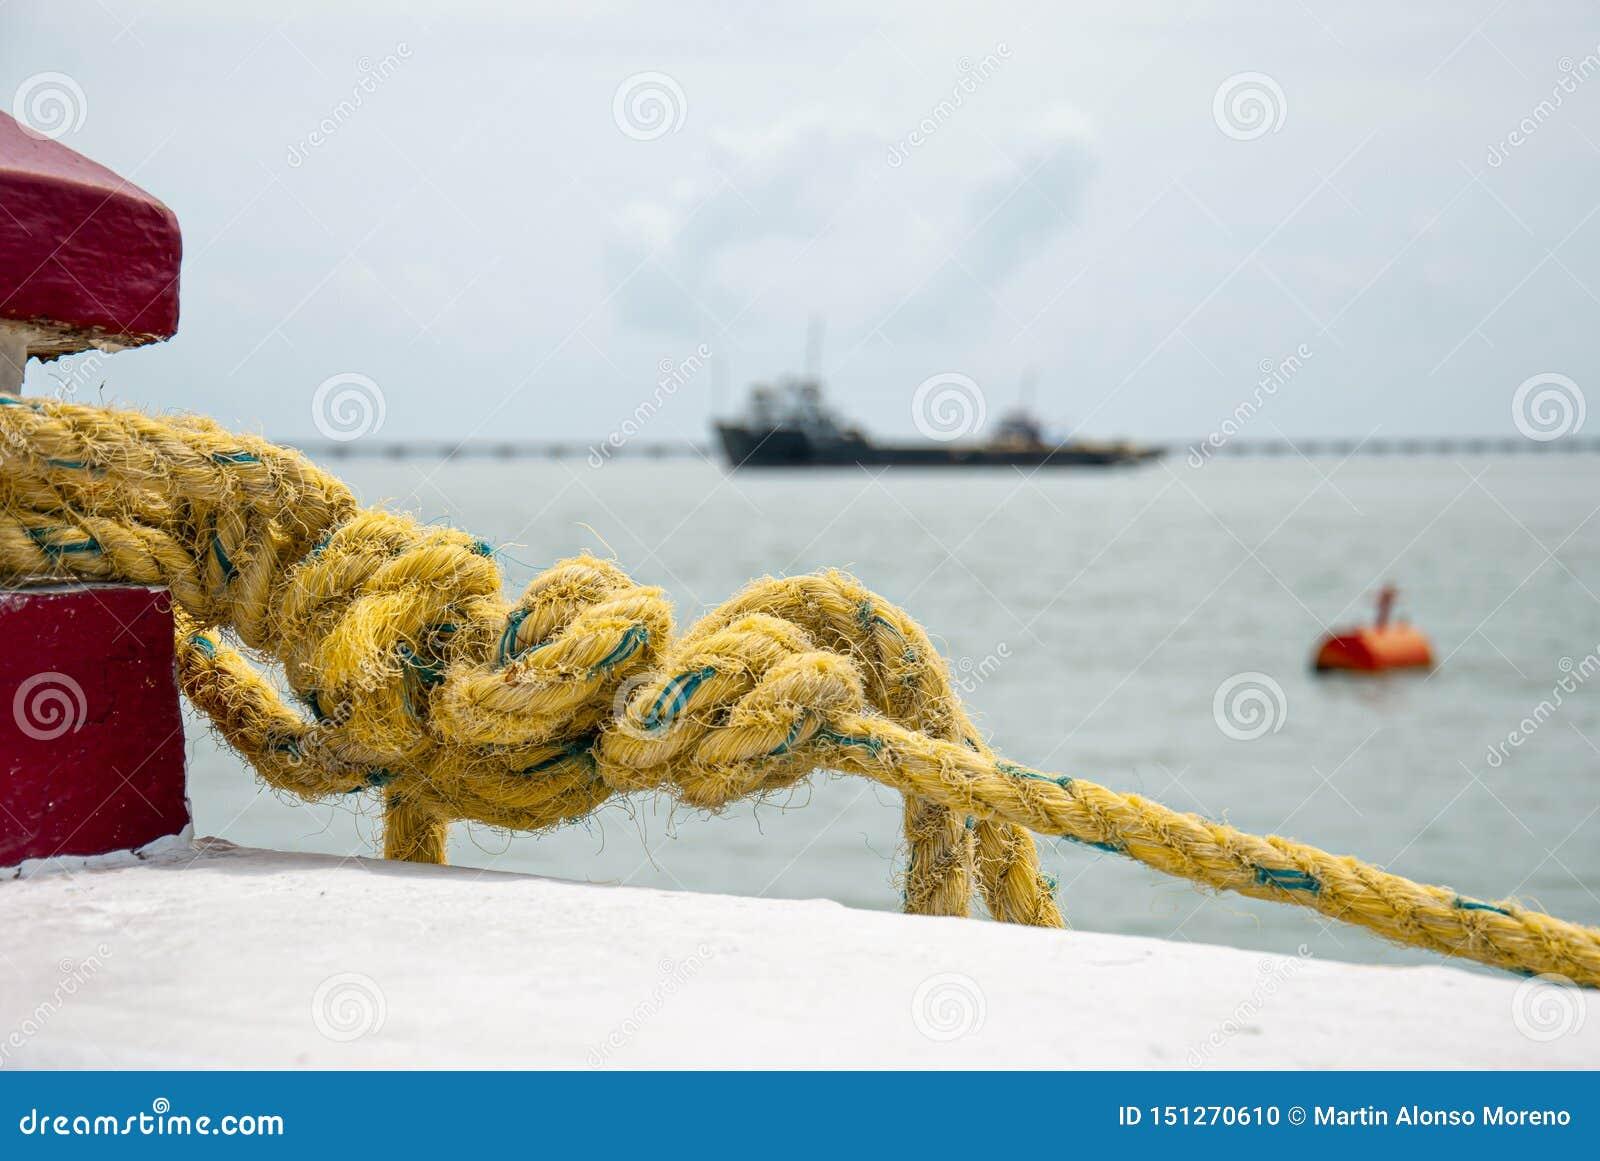 Detalle del primer de la cuerda atado a la ayuda náutica para sostener un barco